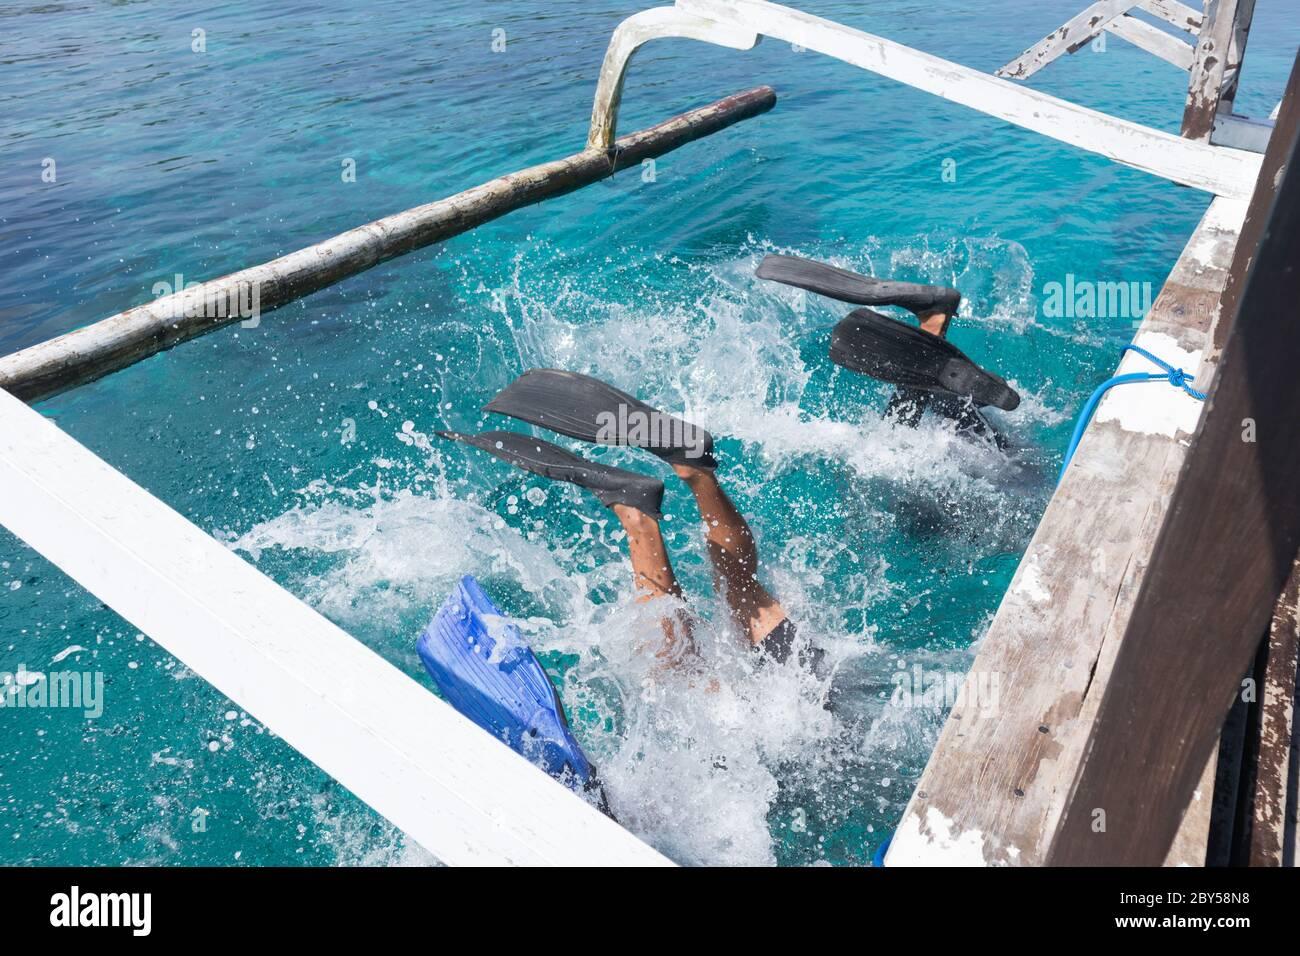 Los buceadores que hacen atrás se voltean al mar azul transparente desde el tablero de un barco. Hay varias maneras de bajar del barco cuando se bucea. Uno de ellos ya está Foto de stock